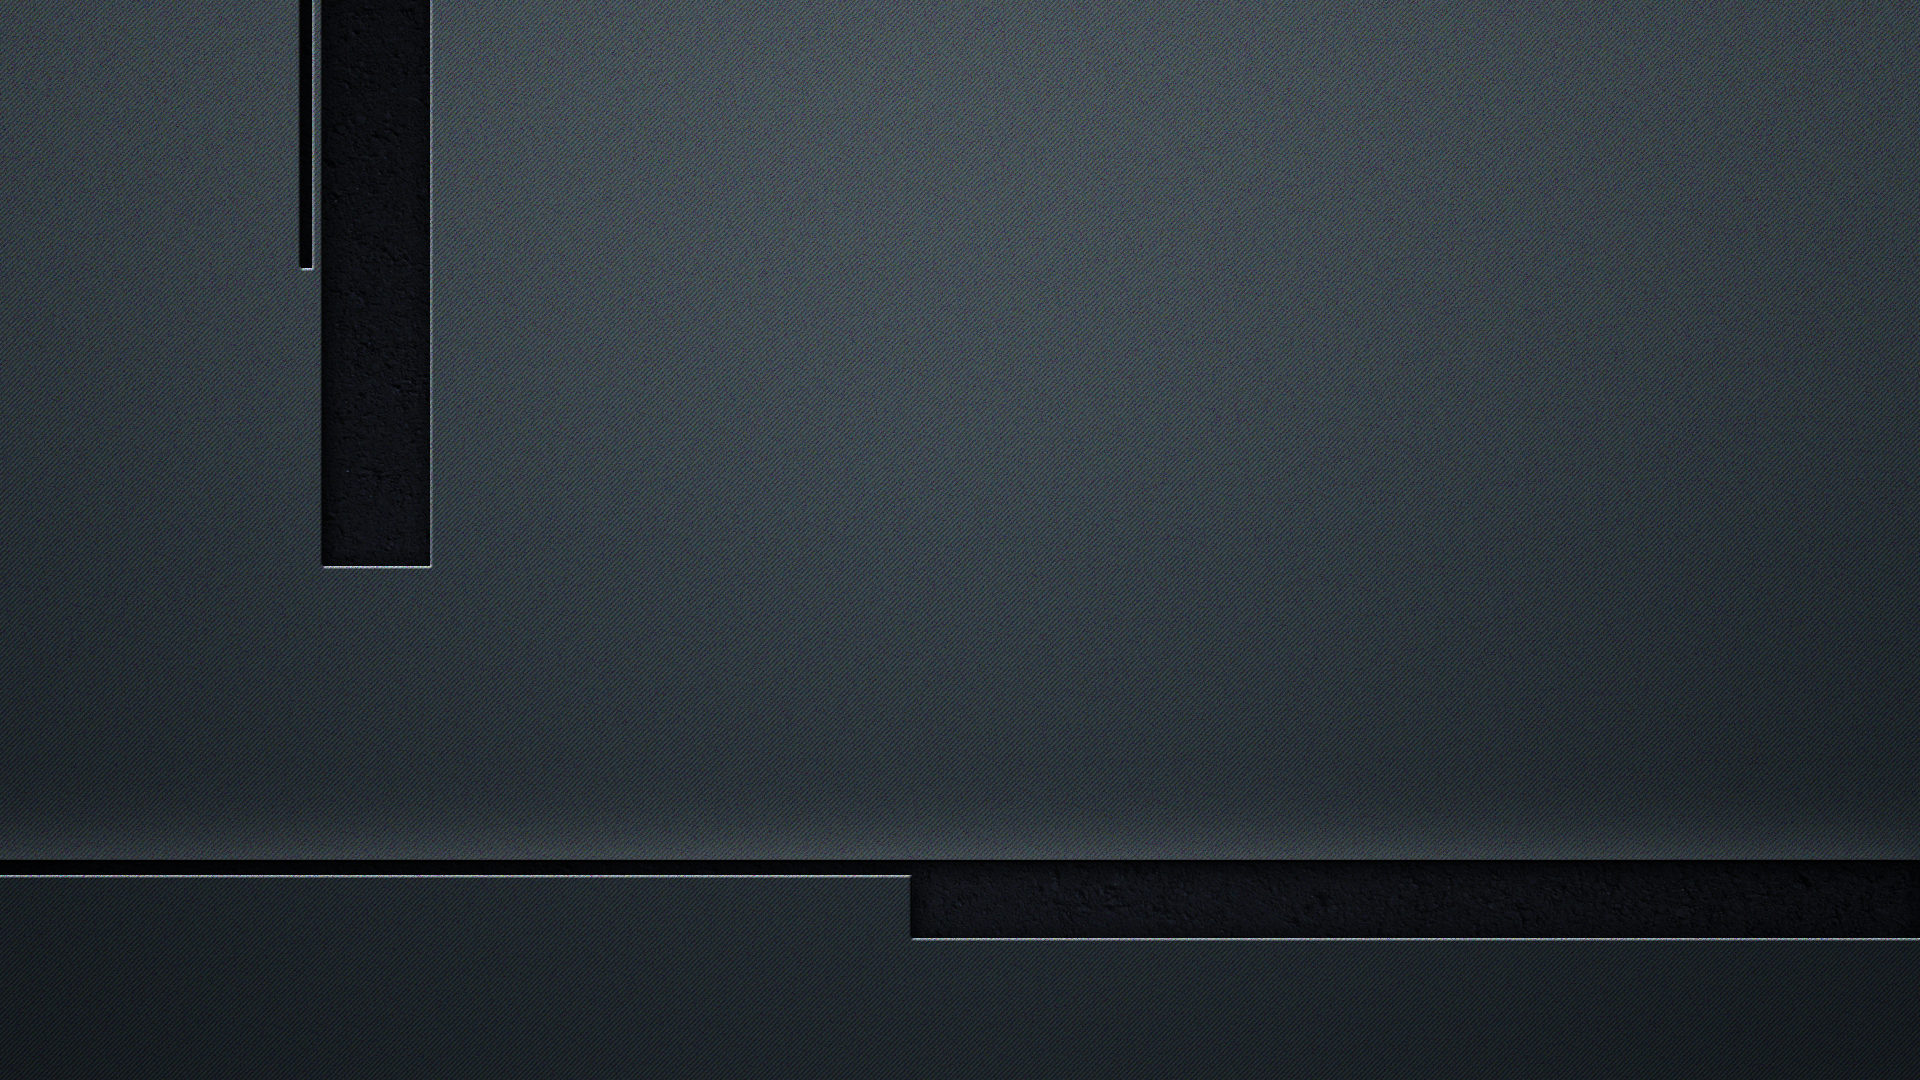 302 2 >> Desktop Background (1920x1080) by MrOrangebay on DeviantArt